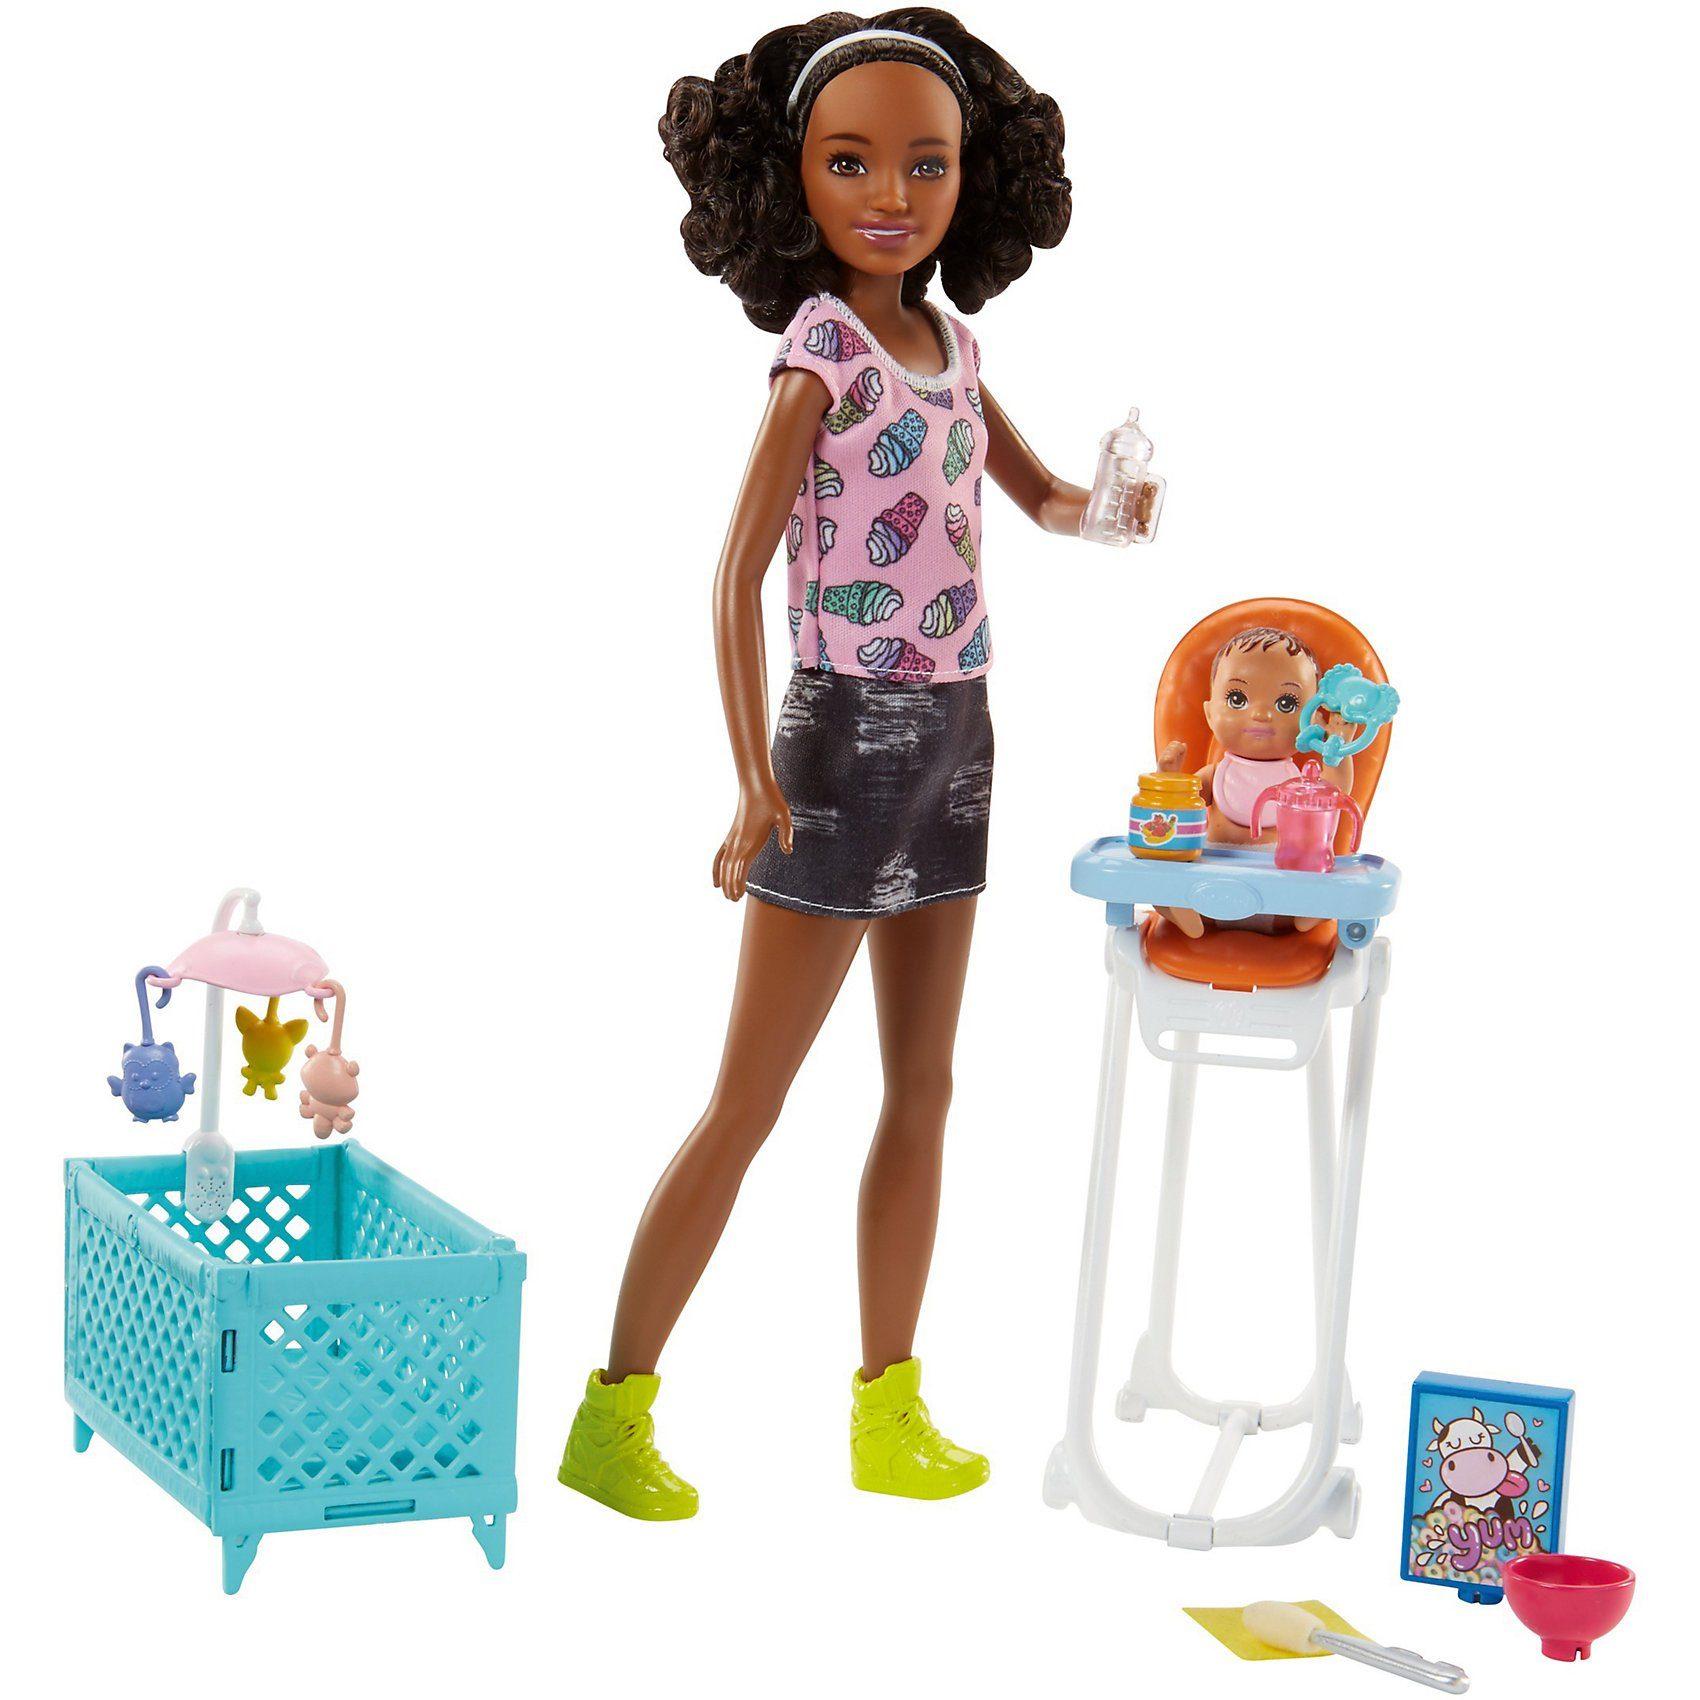 """Mattel® Barbie """"Skipper Babysitters Inc."""" Puppen und Hochstuhl Spiel"""